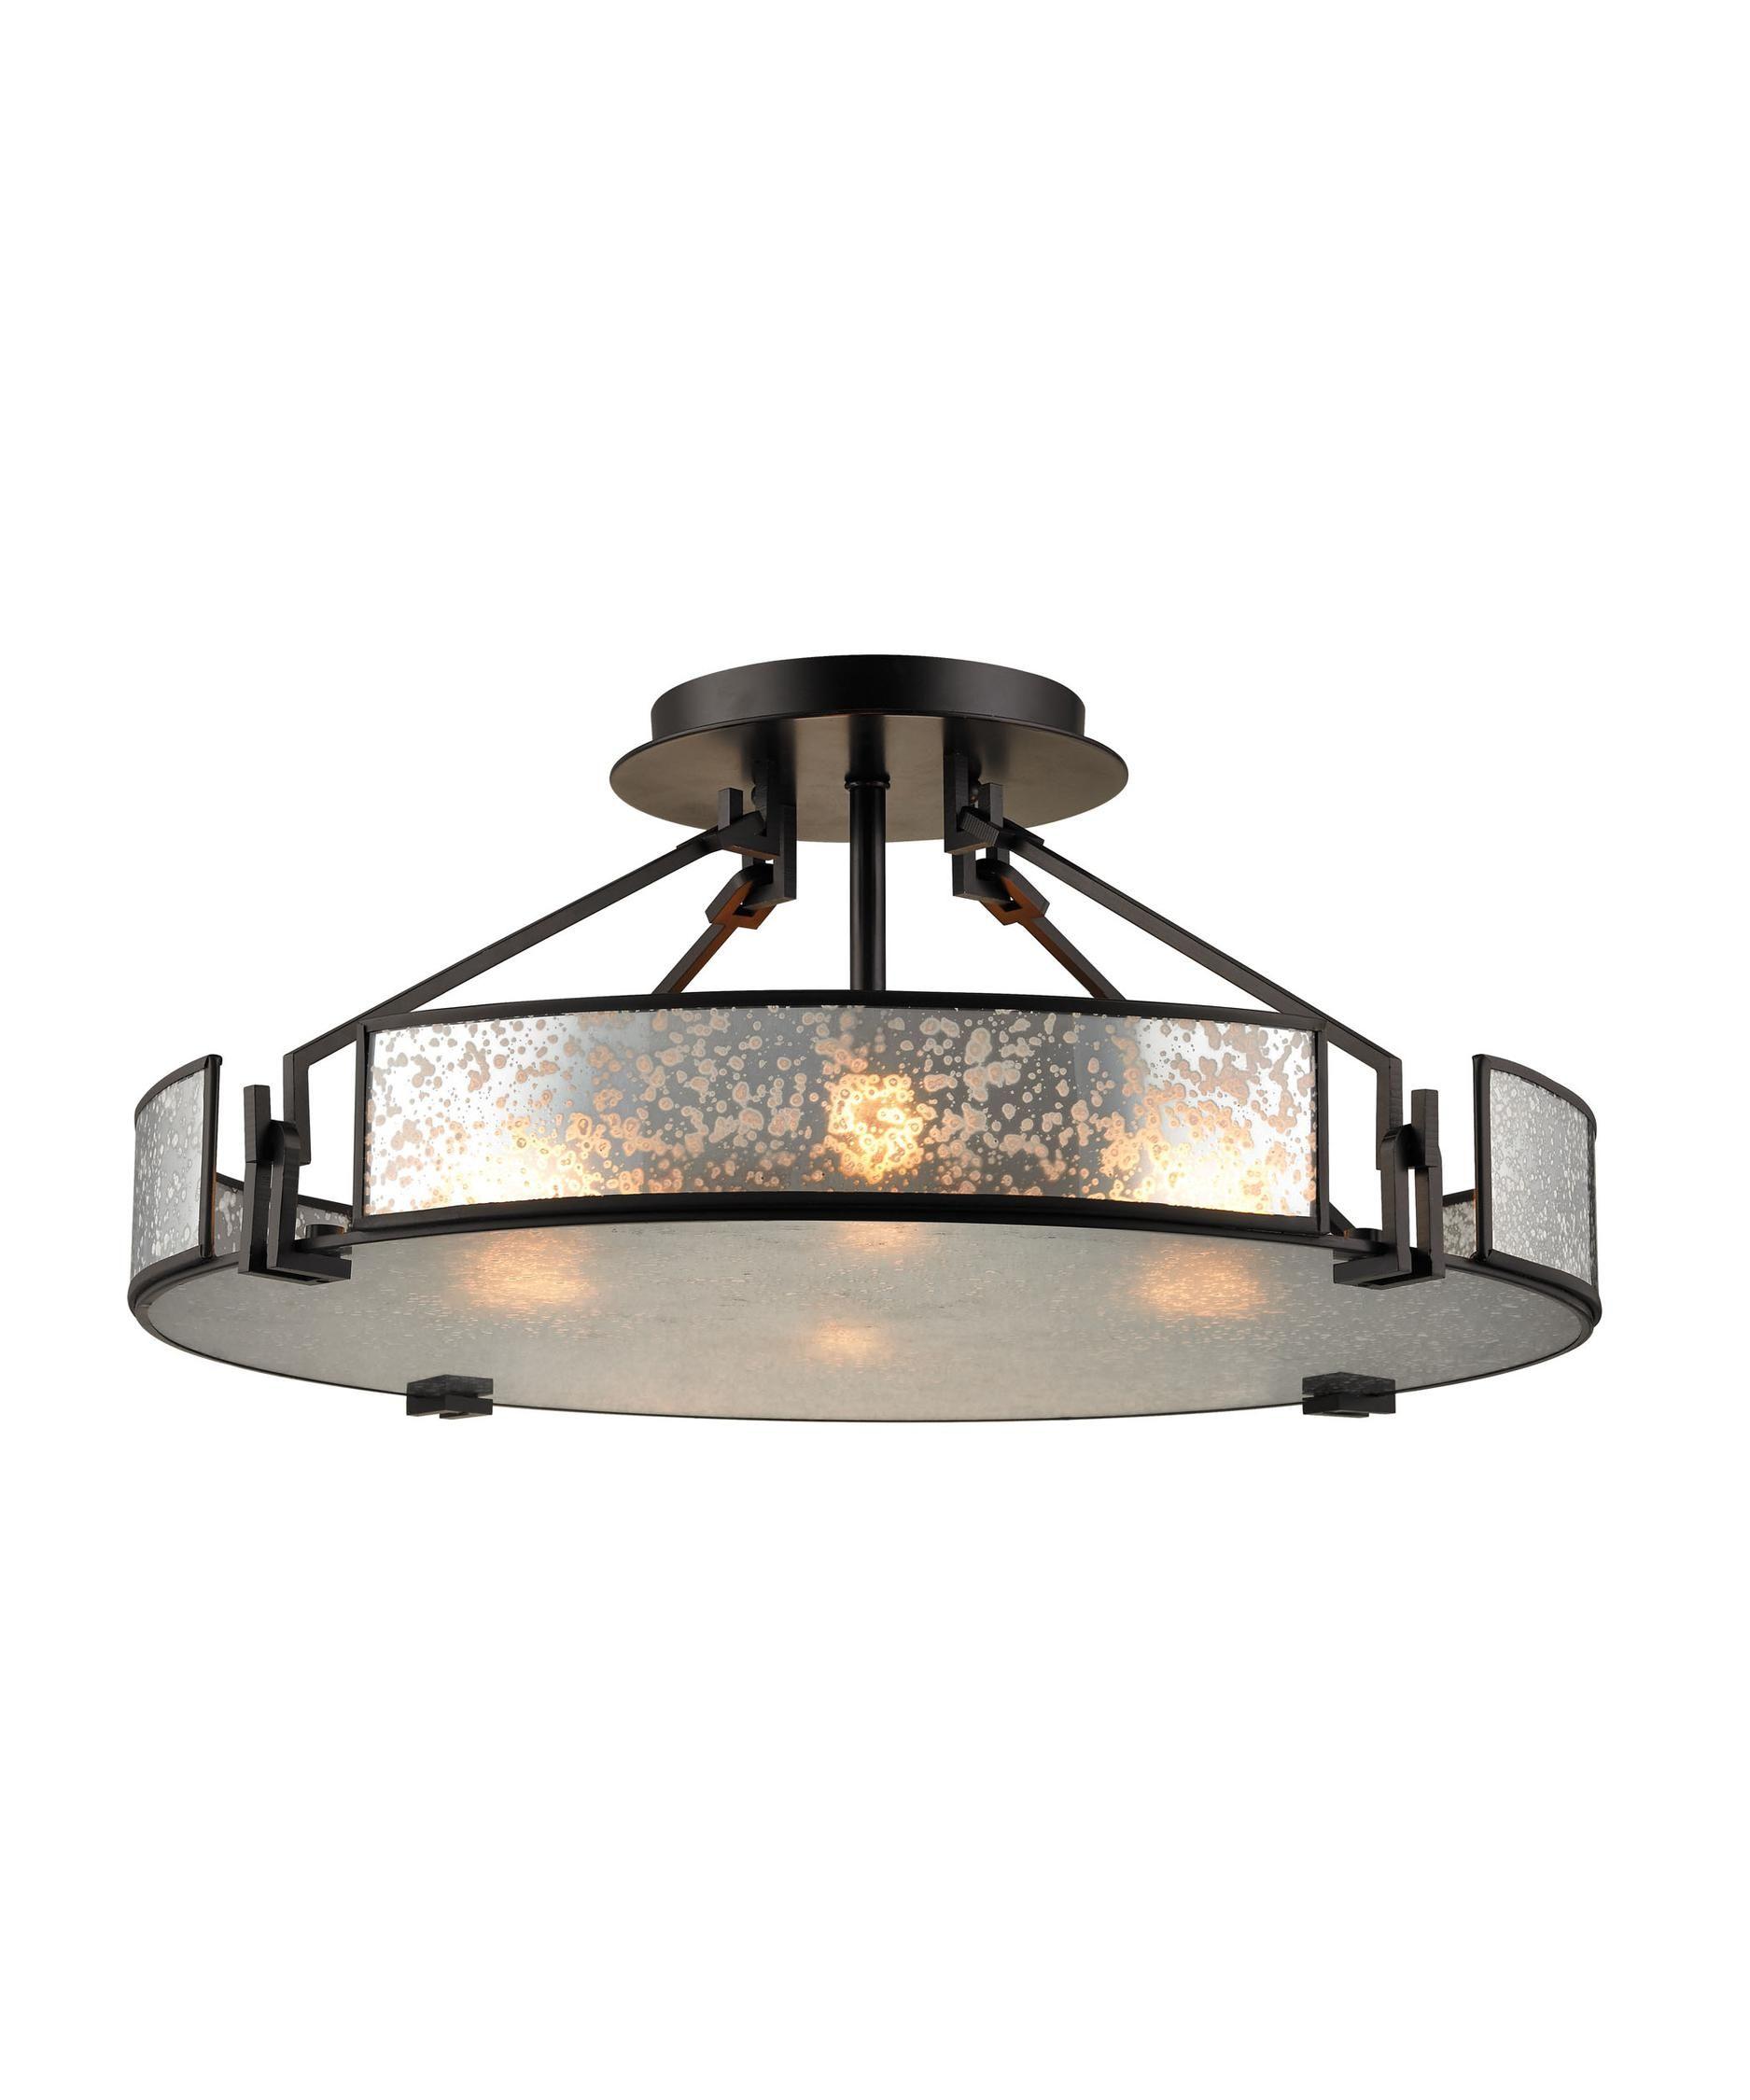 Lindhurst 21 Inch 4 Light Semi Flush Mount Capitol Lighting